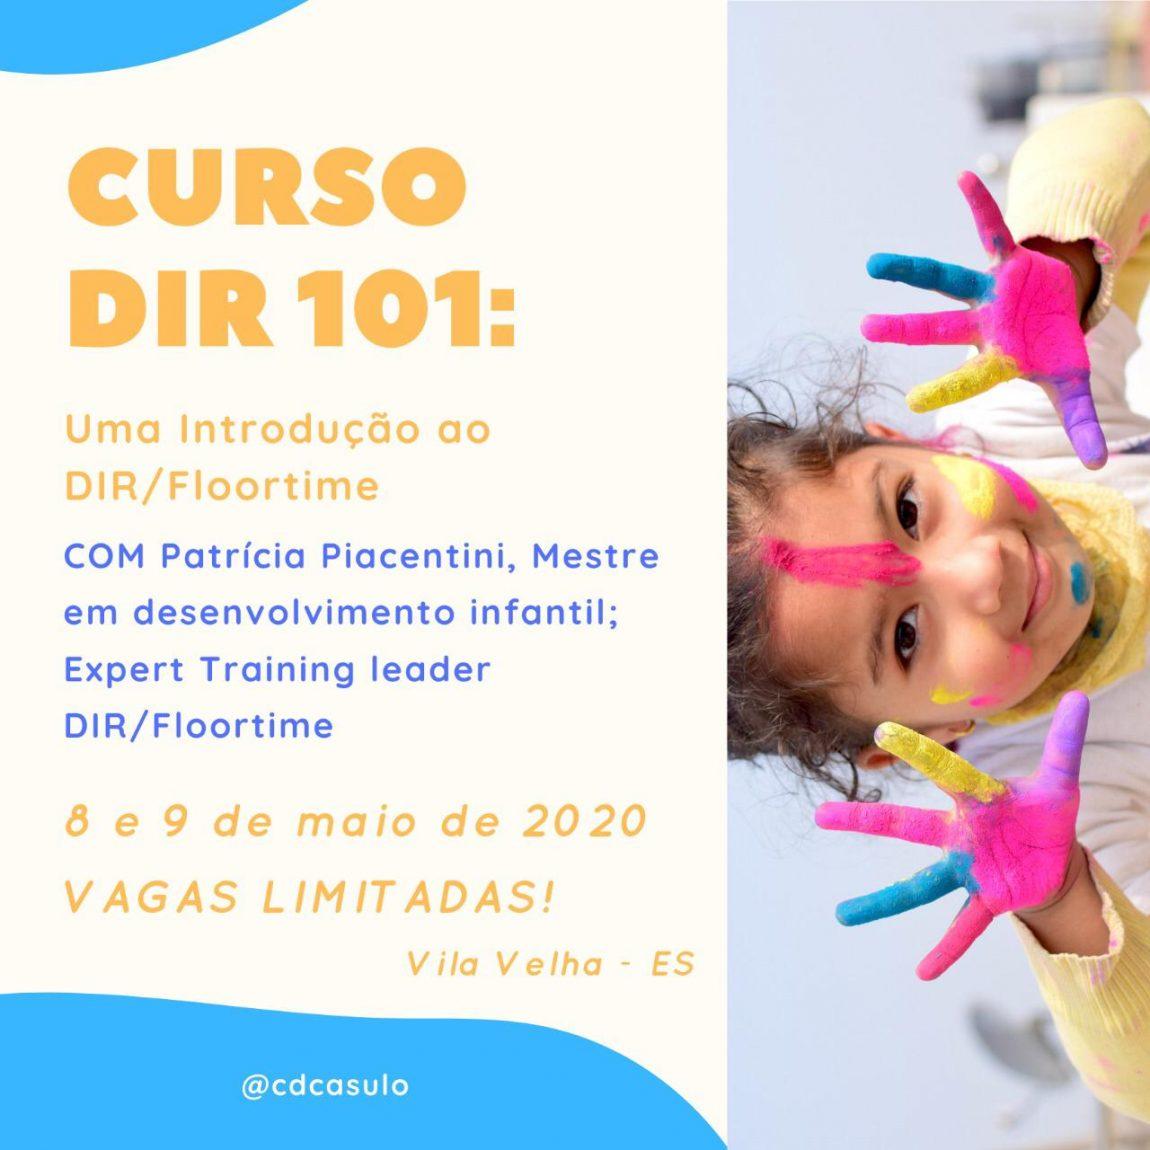 Curso DIR 101 em Vila Velha (ES) dias 08 e 09 de Maio de 2020